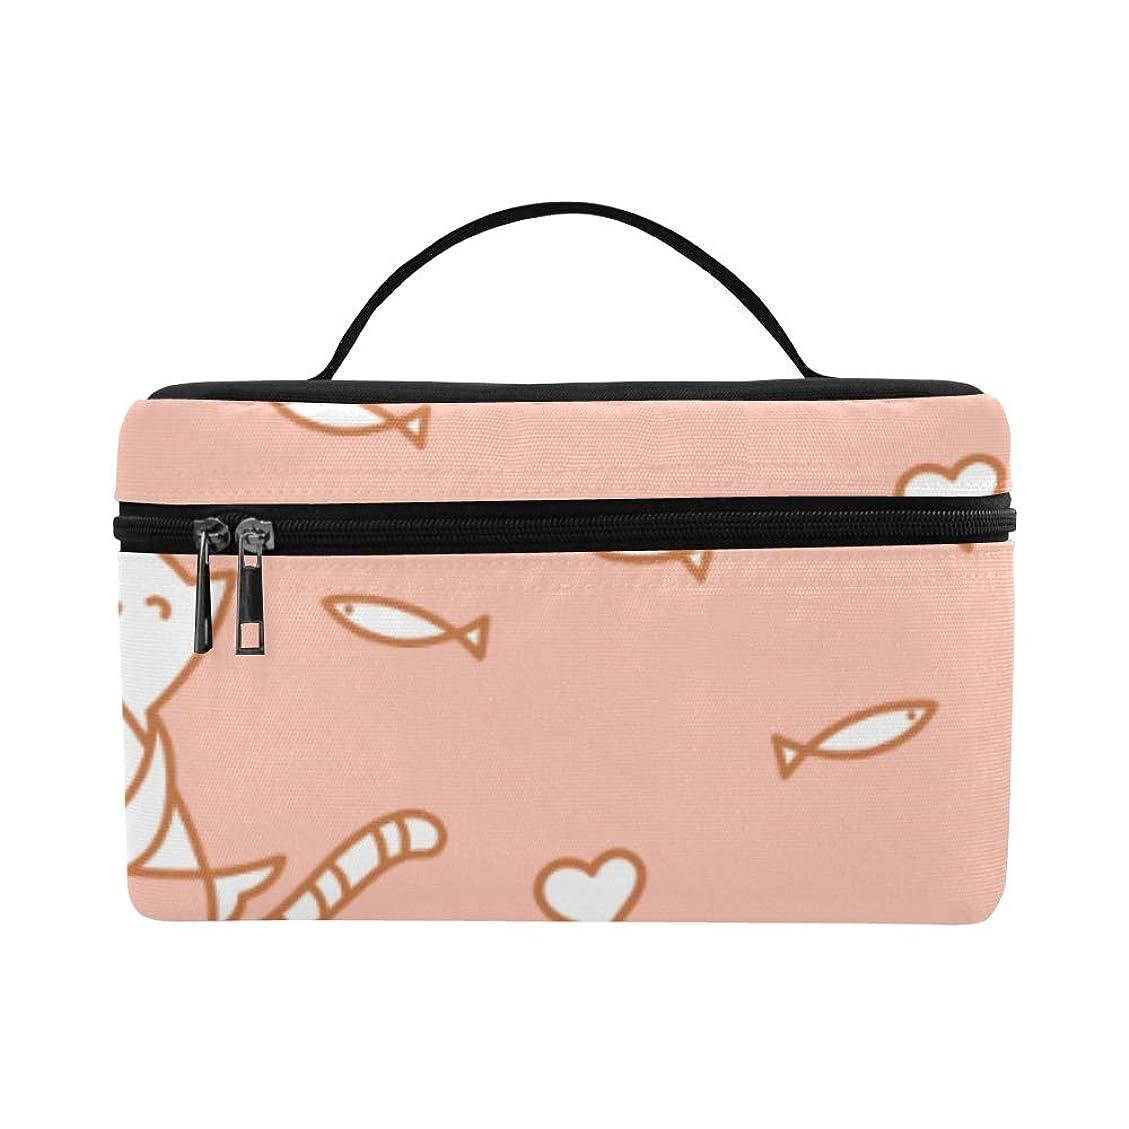 イソギンチャク露骨な仮称CKYHYC メイクボックス すばしこい 猫 コスメ収納 化粧品収納ケース 大容量 収納ボックス 化粧品入れ 化粧バッグ 旅行用 メイクブラシバッグ 化粧箱 持ち運び便利 プロ用